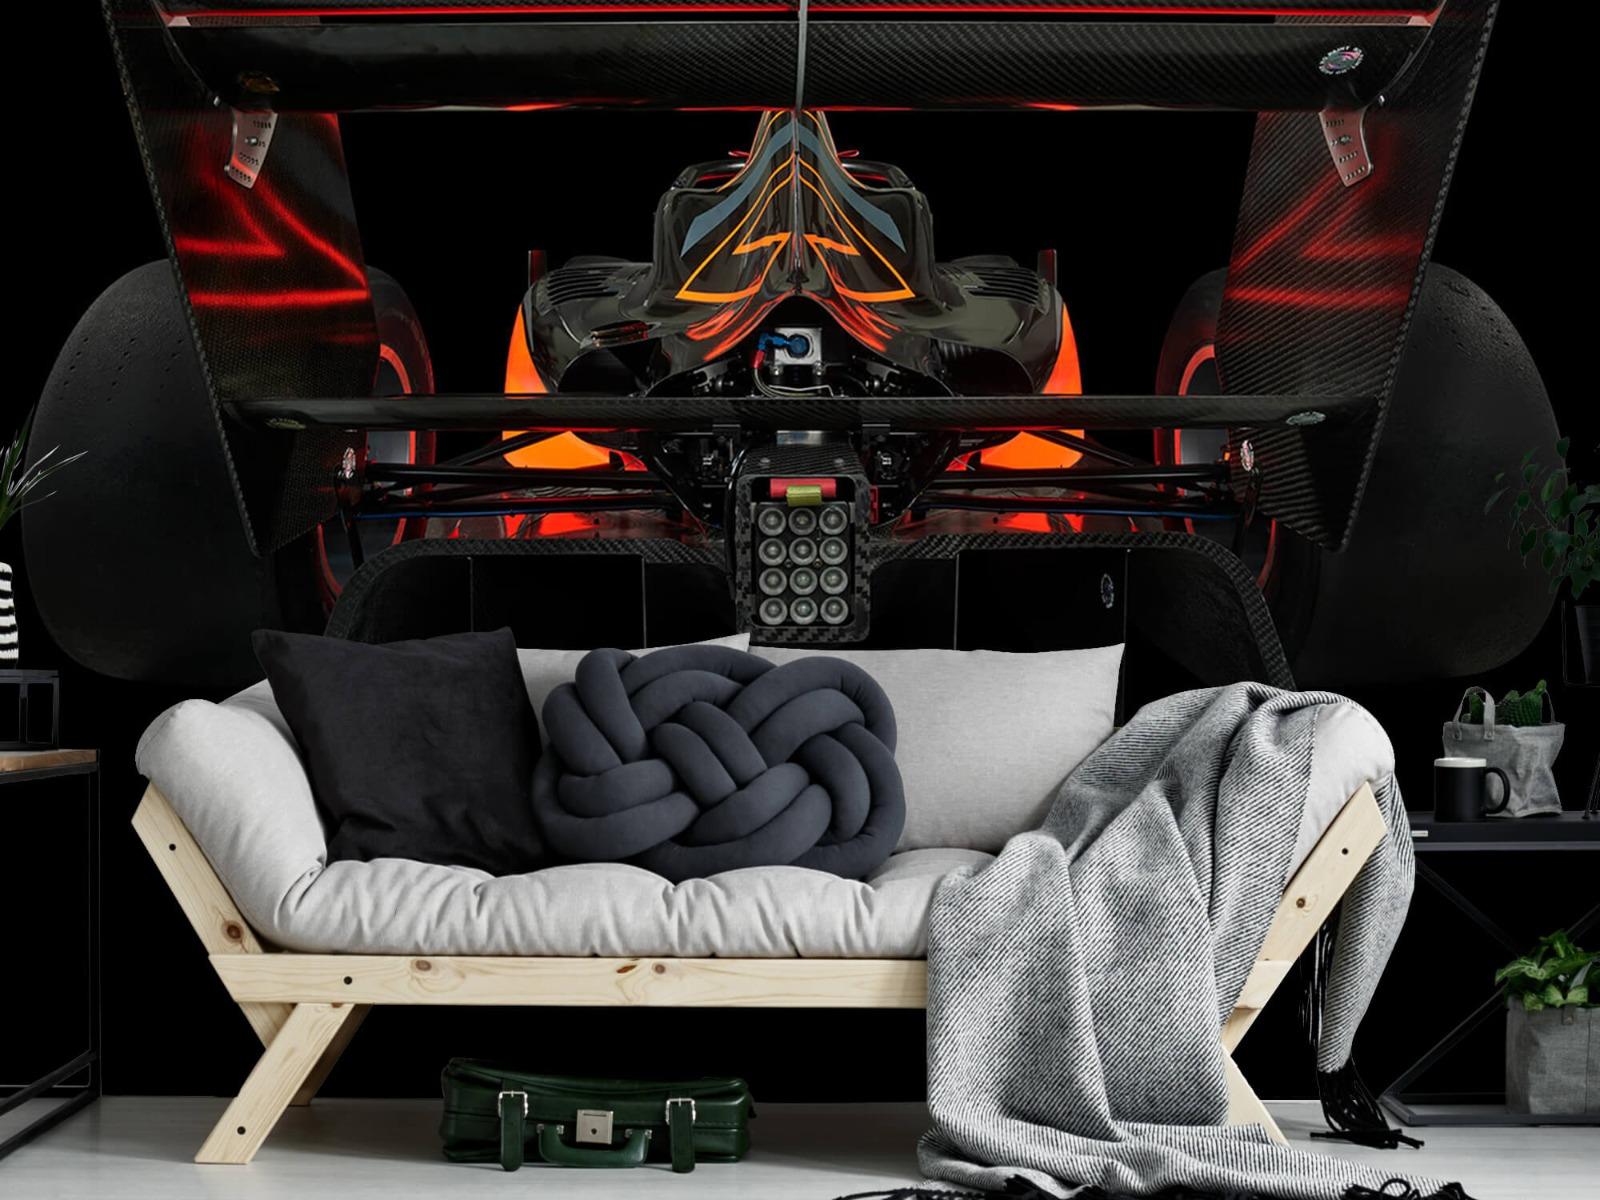 Sportauto's - Formule 3 - Lower rear view - dark - Garage 6